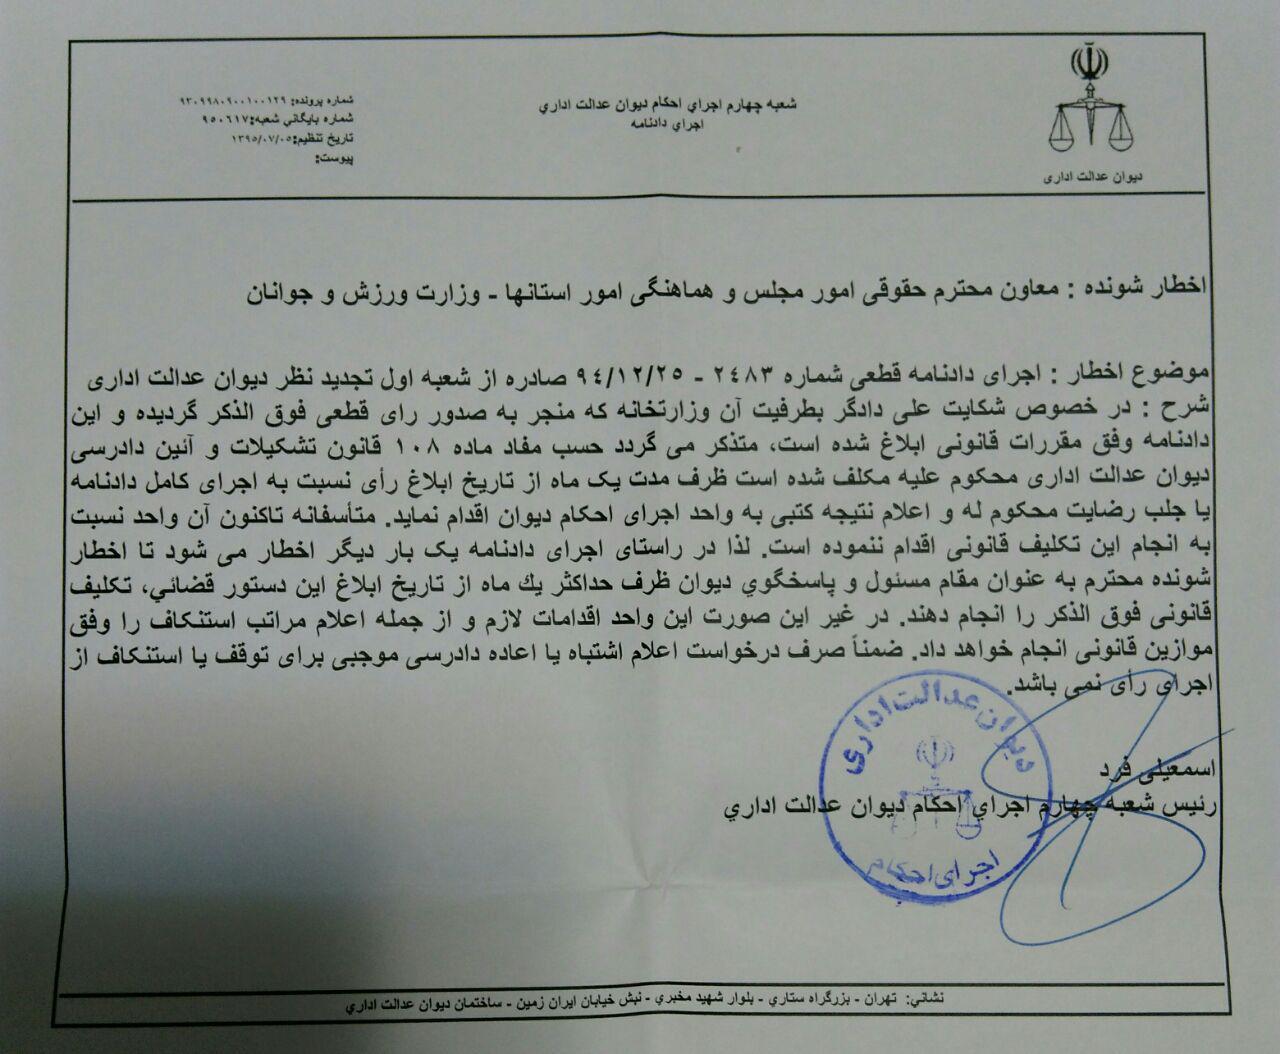 آخرین اخطار دیوان عدالت اداری به وزارت ورزش: ریاست مهدی هاشمی غیر قانونی است